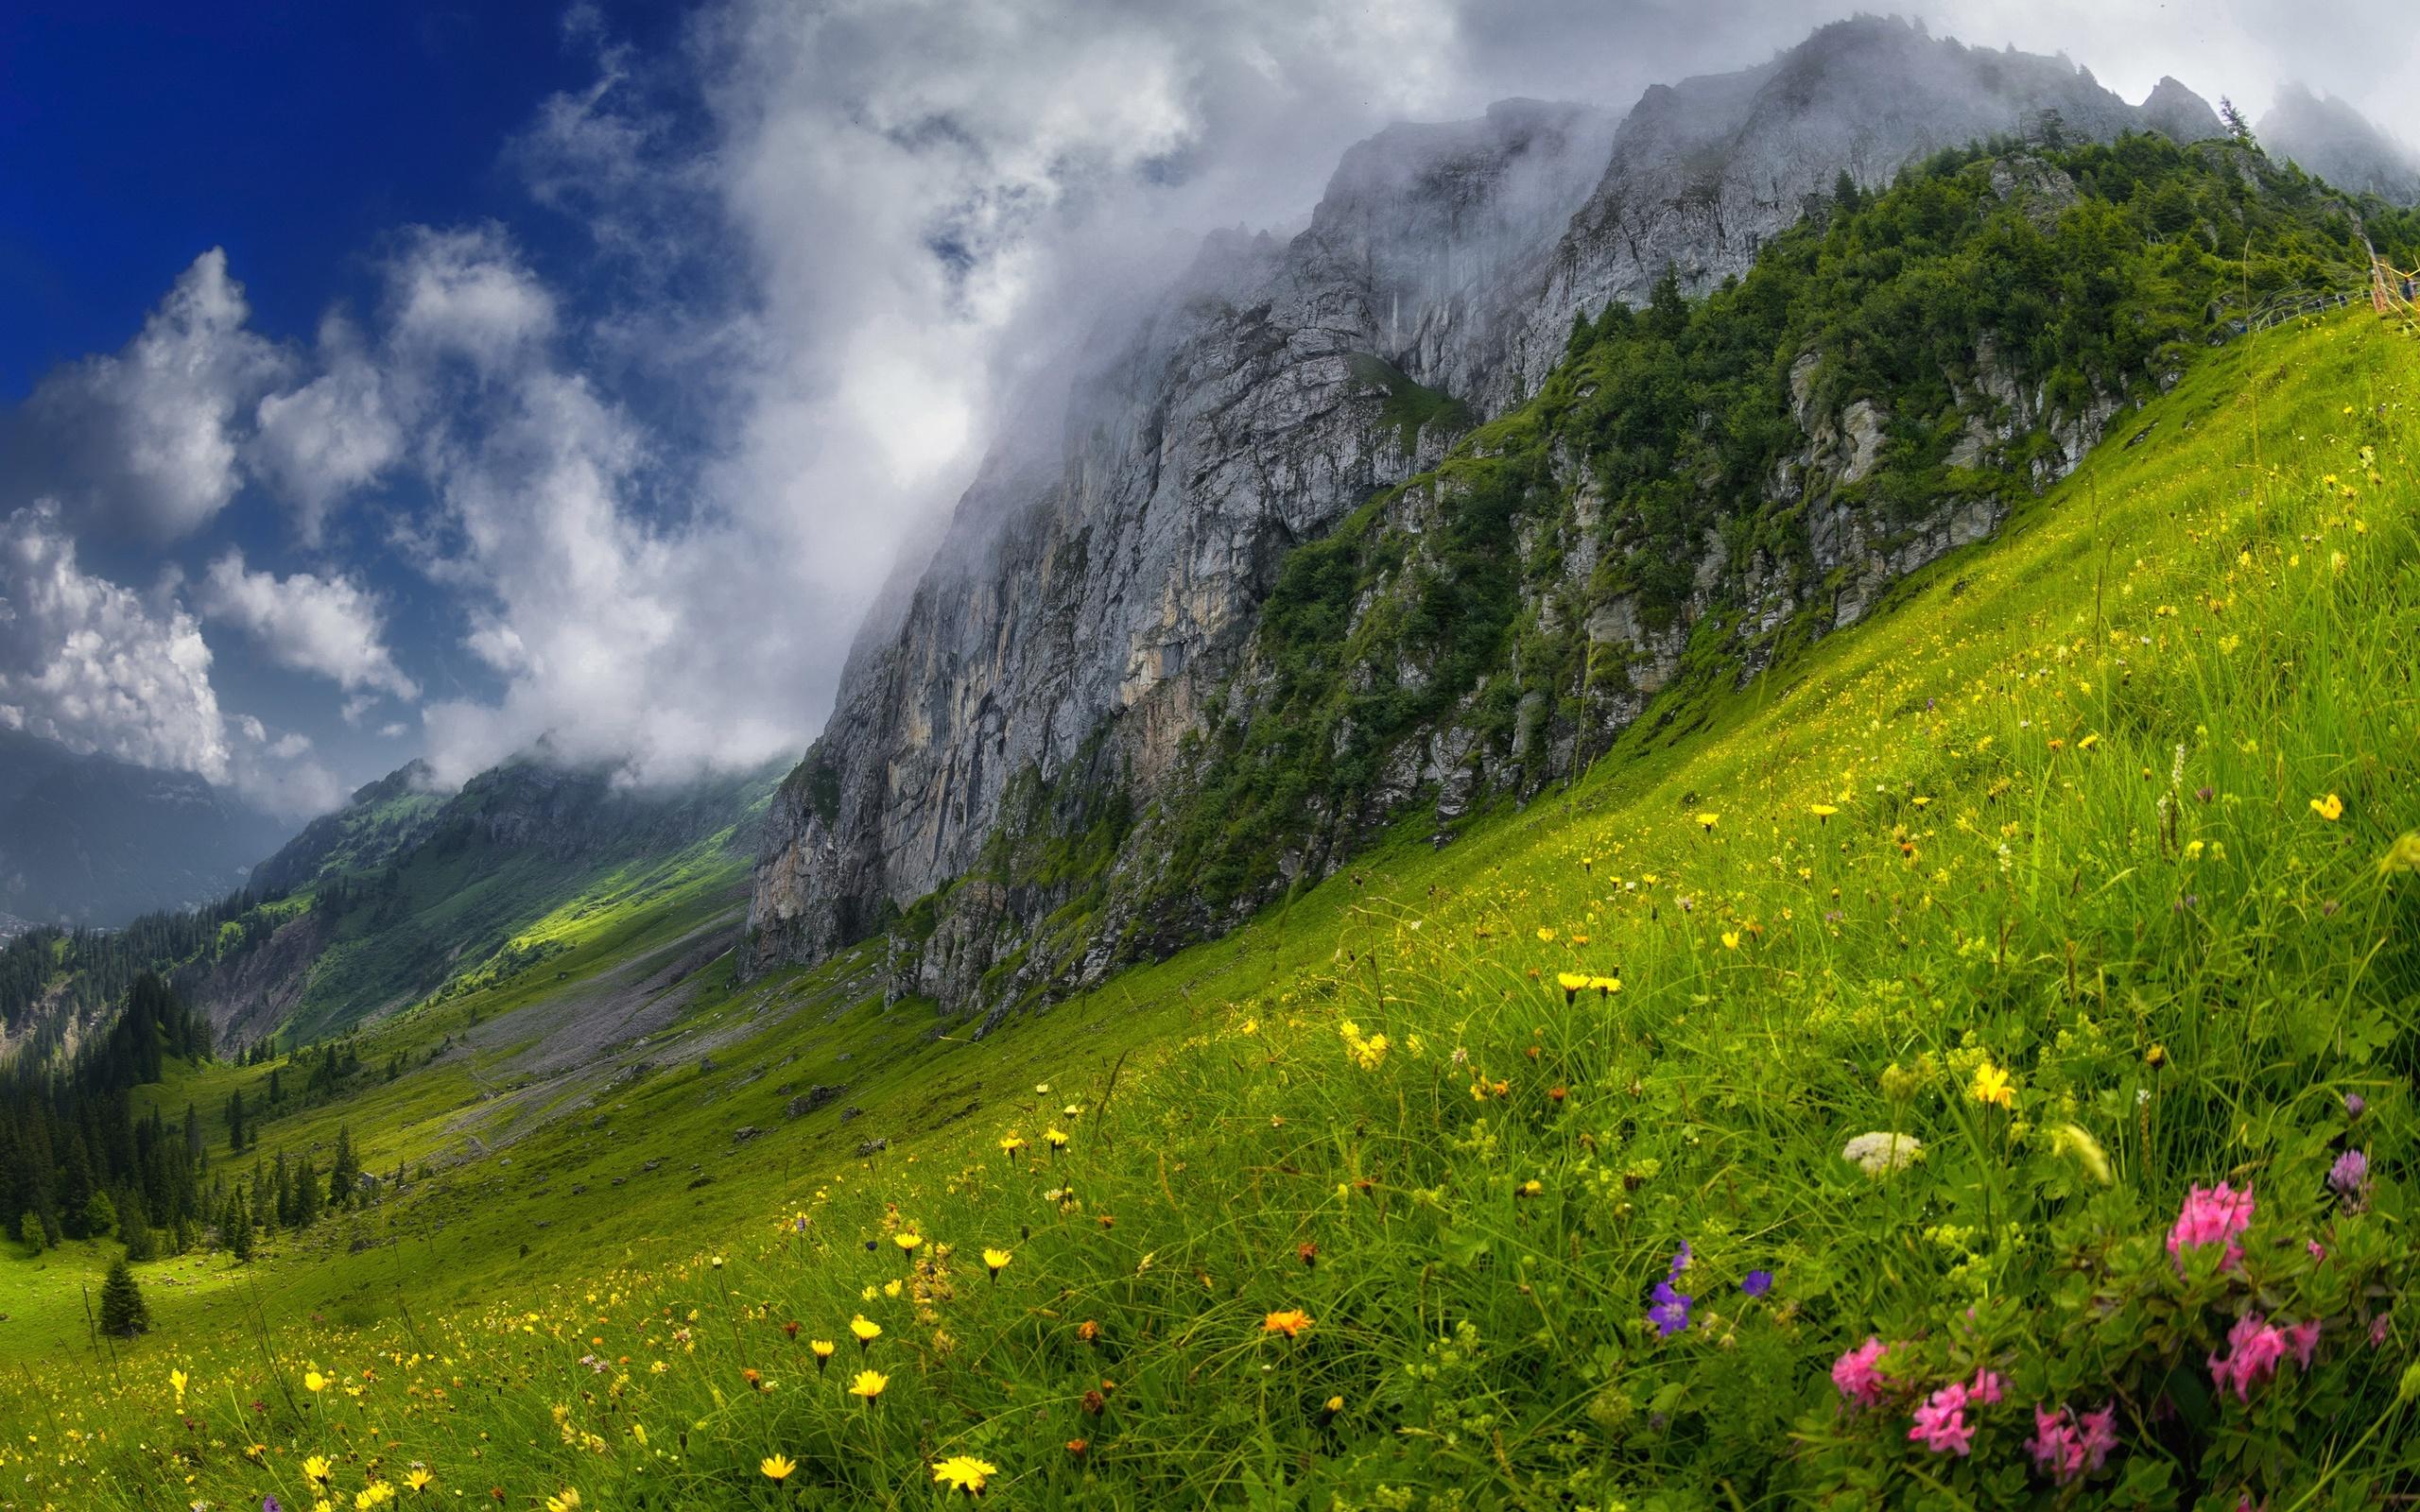 Картинки склонов гор